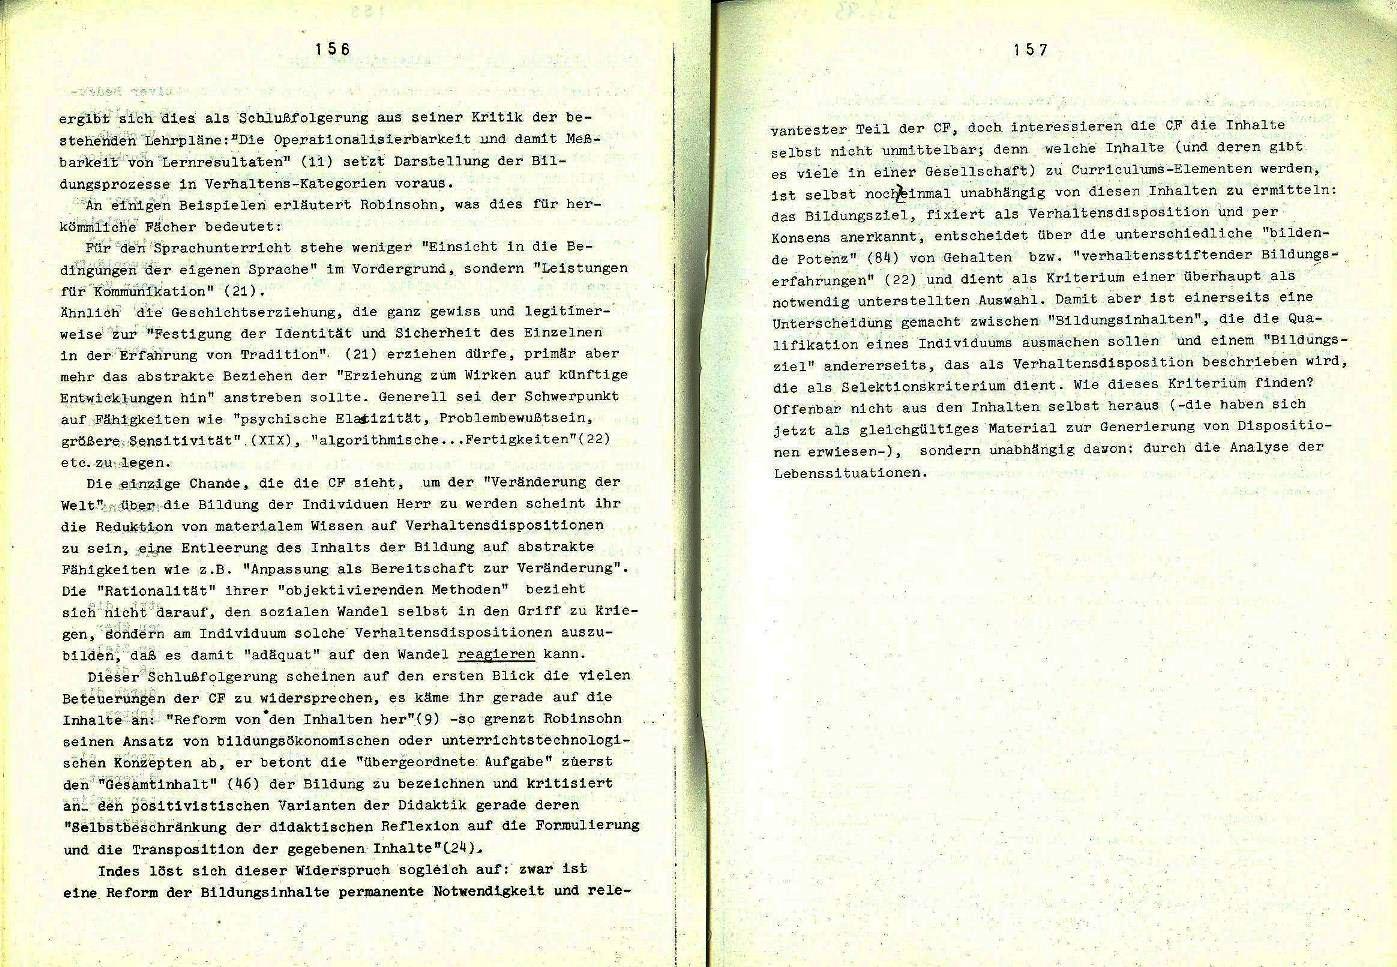 Muenchen_AK_Sozialistisches_Studium082